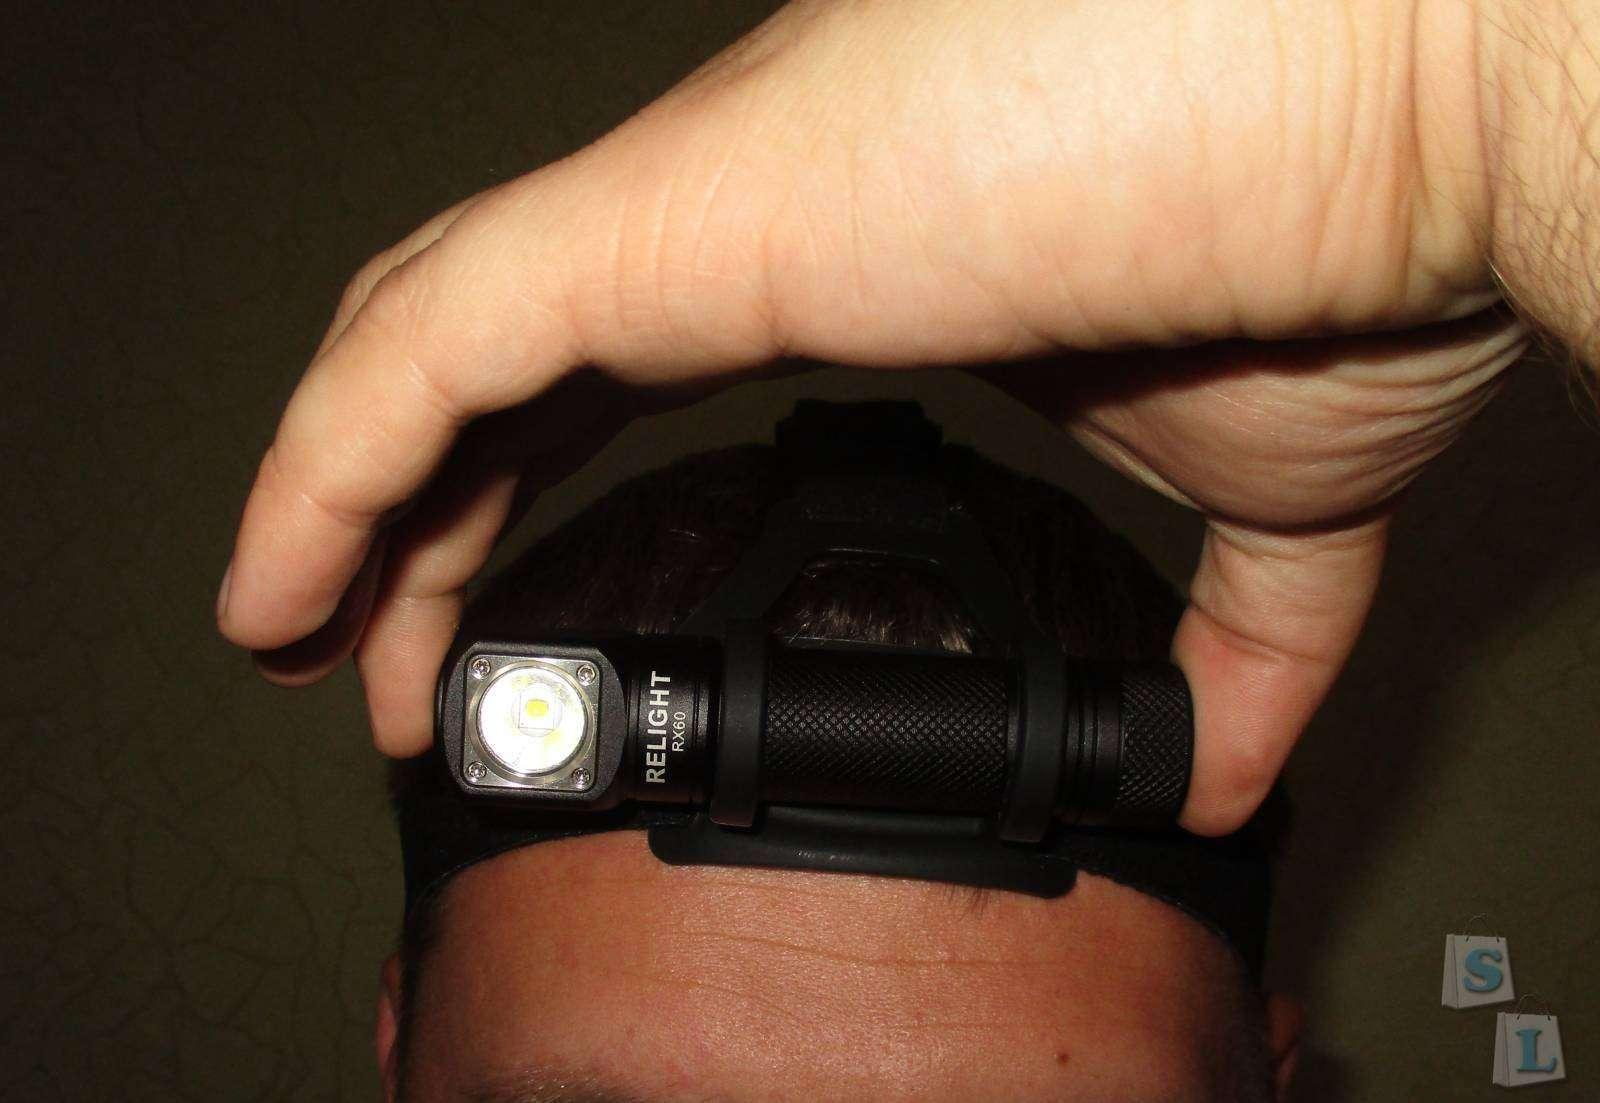 Другие - Россия: Обзор налобного фонаря Relight RX60 NW